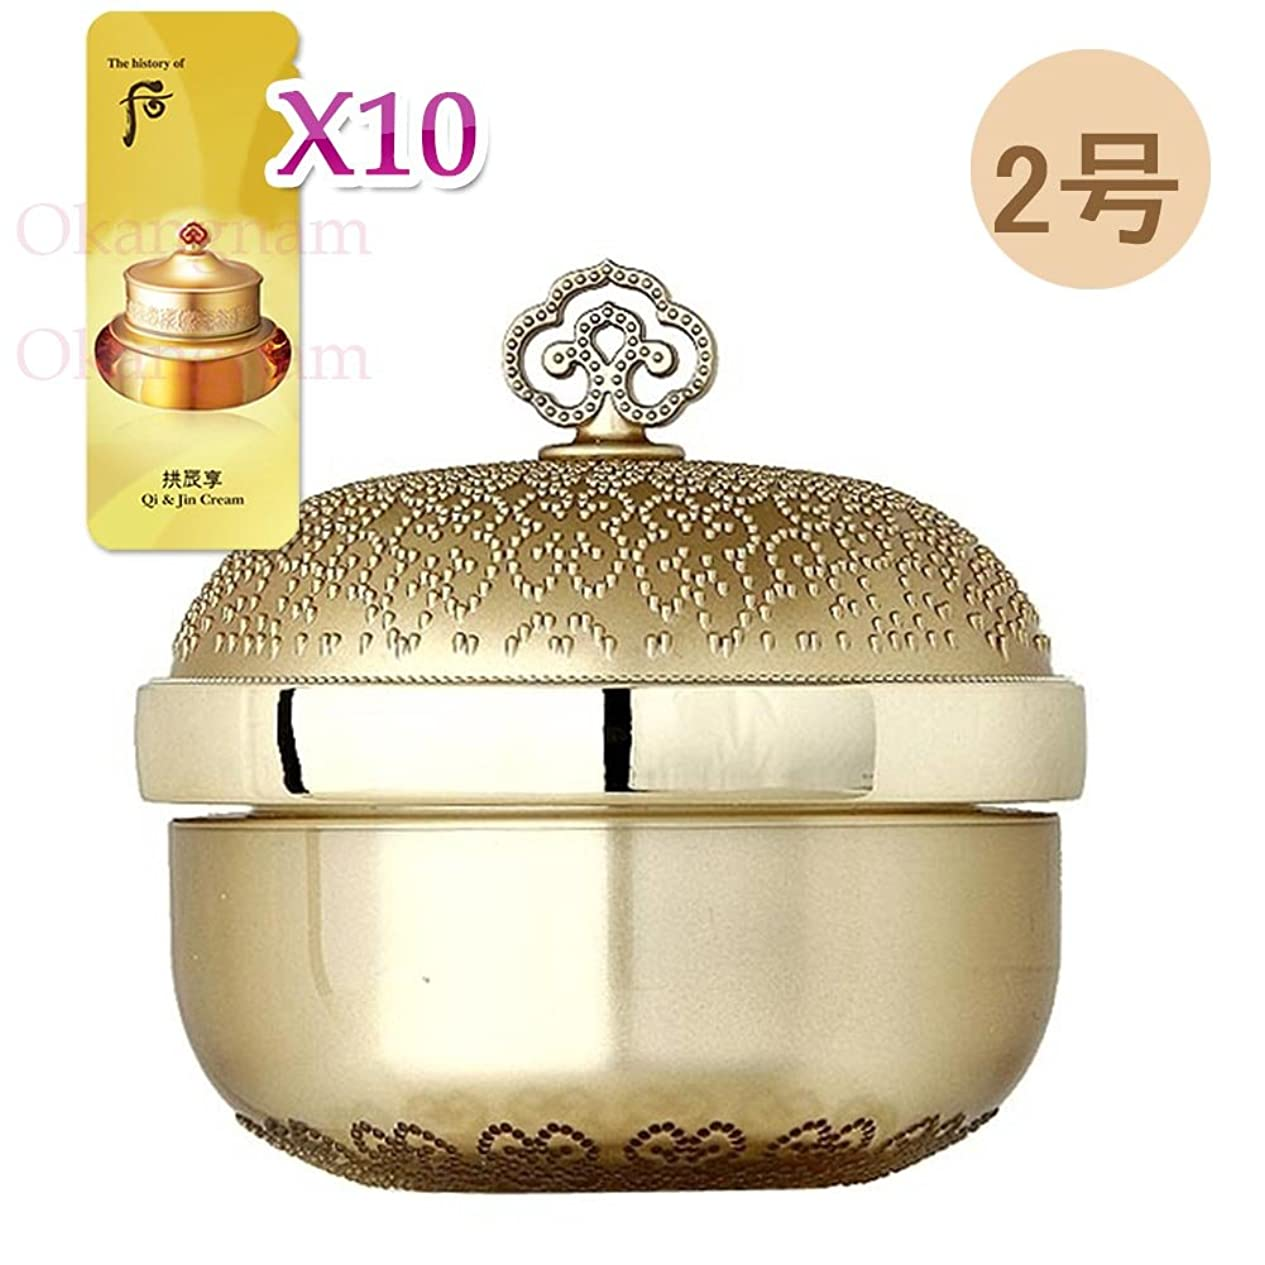 見えない鋭く有名な【フー/The history of whoo] Whoo 后 KGM06 GONGJIN HYANG Mi Luxury Foundation/ゴンジンヒャン:美ラグジュアリーファンデーション35ml(2号) + [Sample Gift](海外直送品)